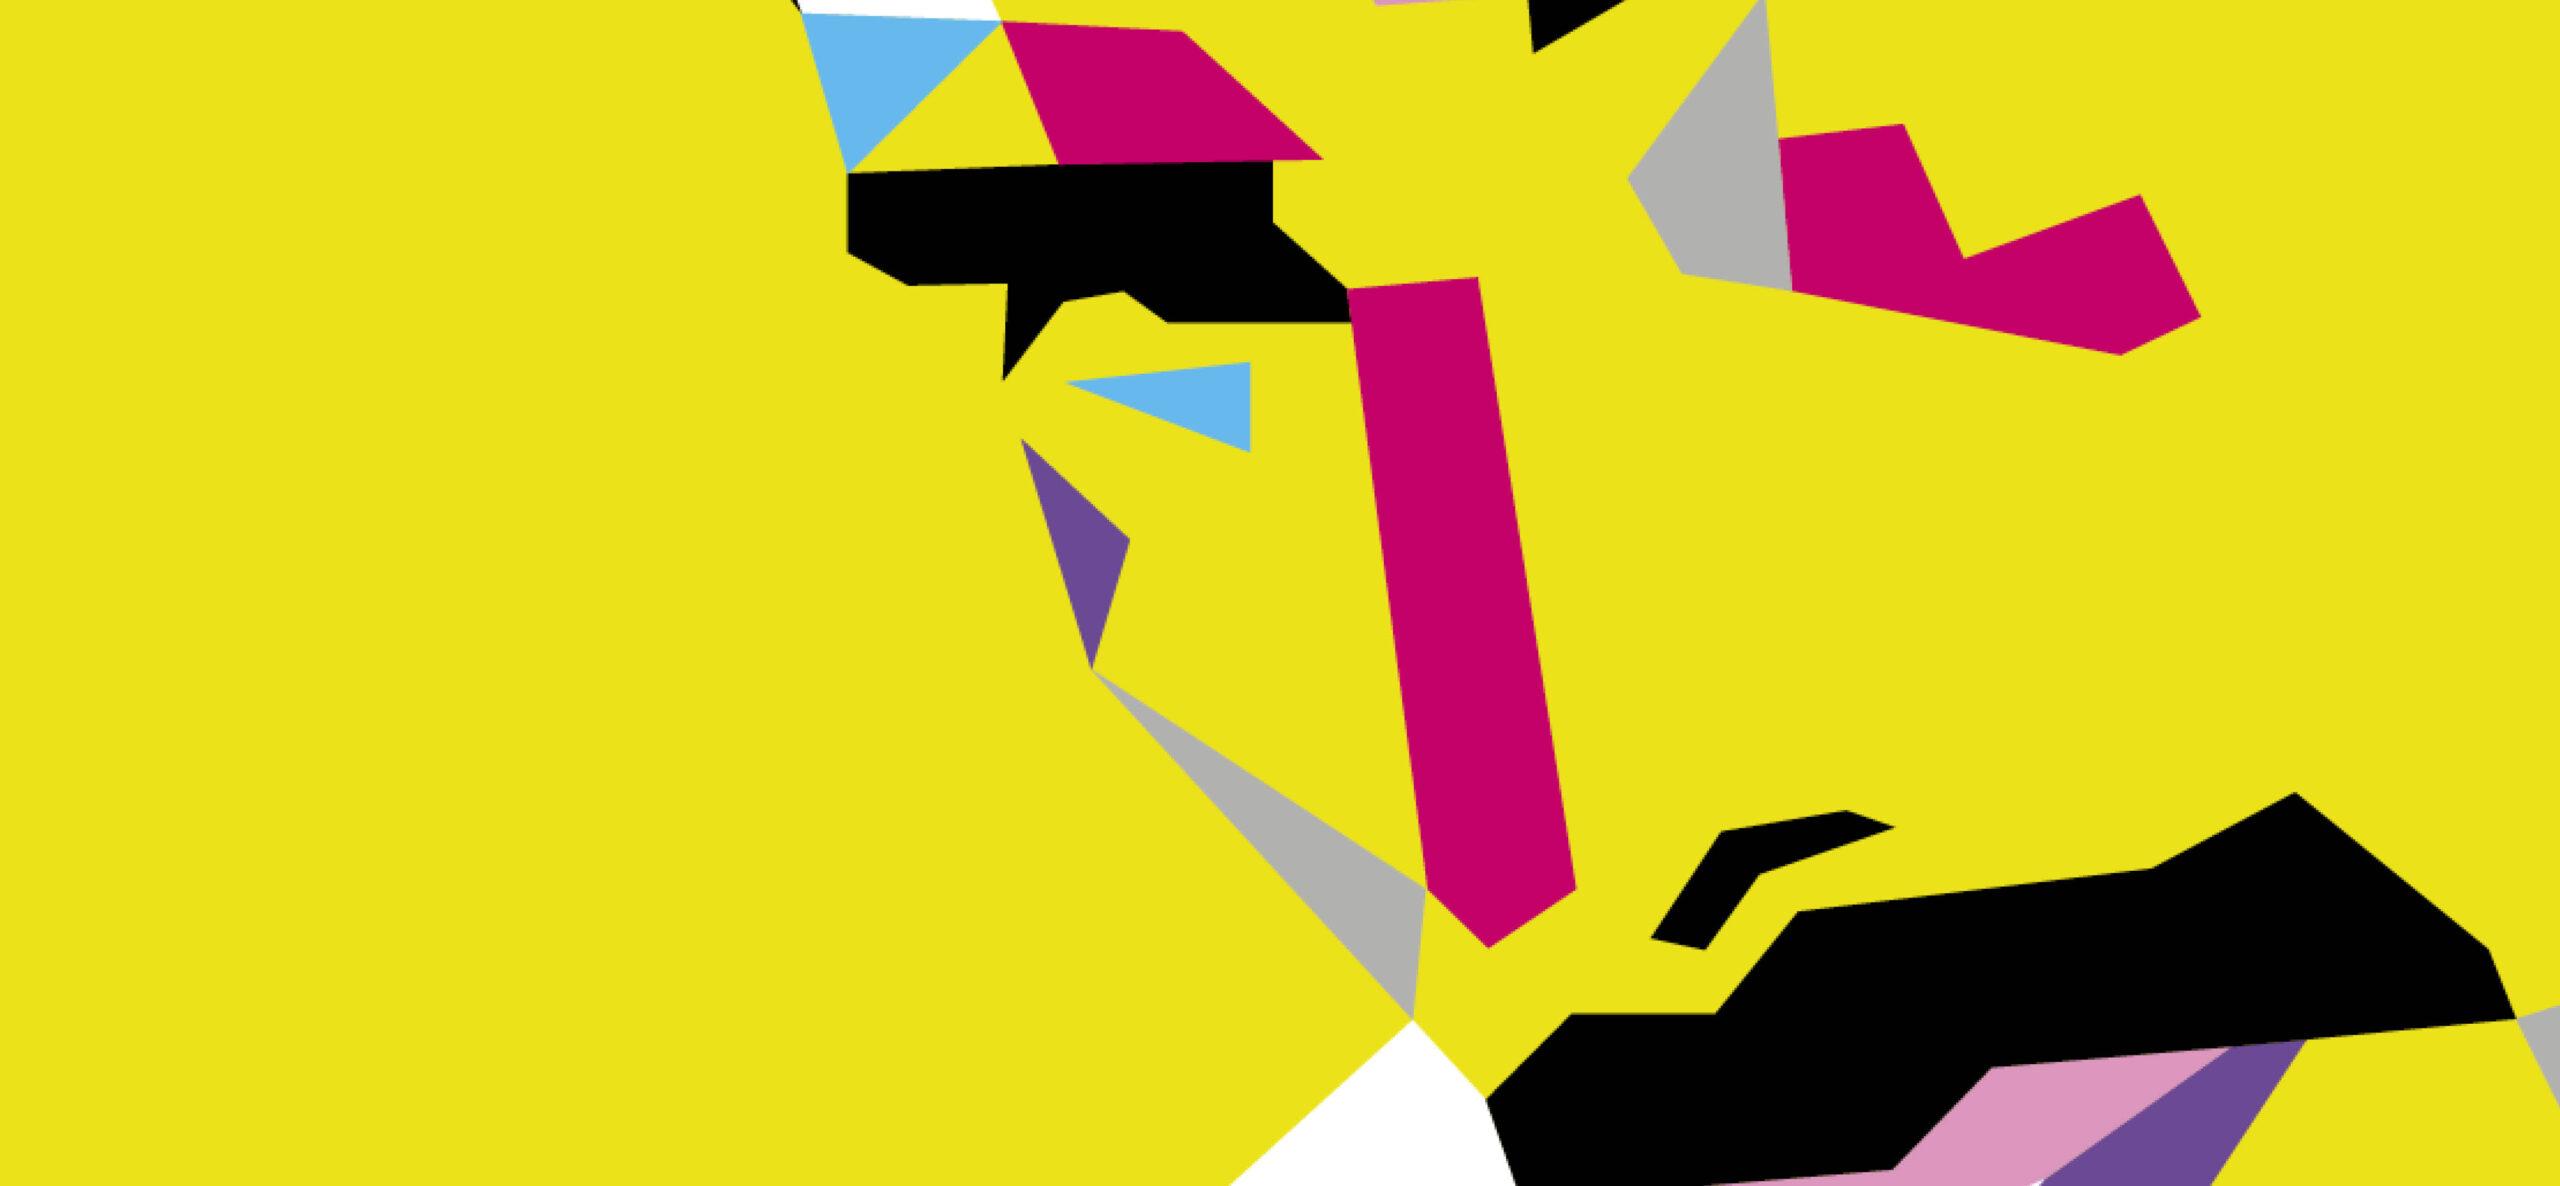 """Per la copertina Orione n. 22 """"Genere"""", Illustrazione di Bruna Pallante, omaggio a Freddy Mercury"""